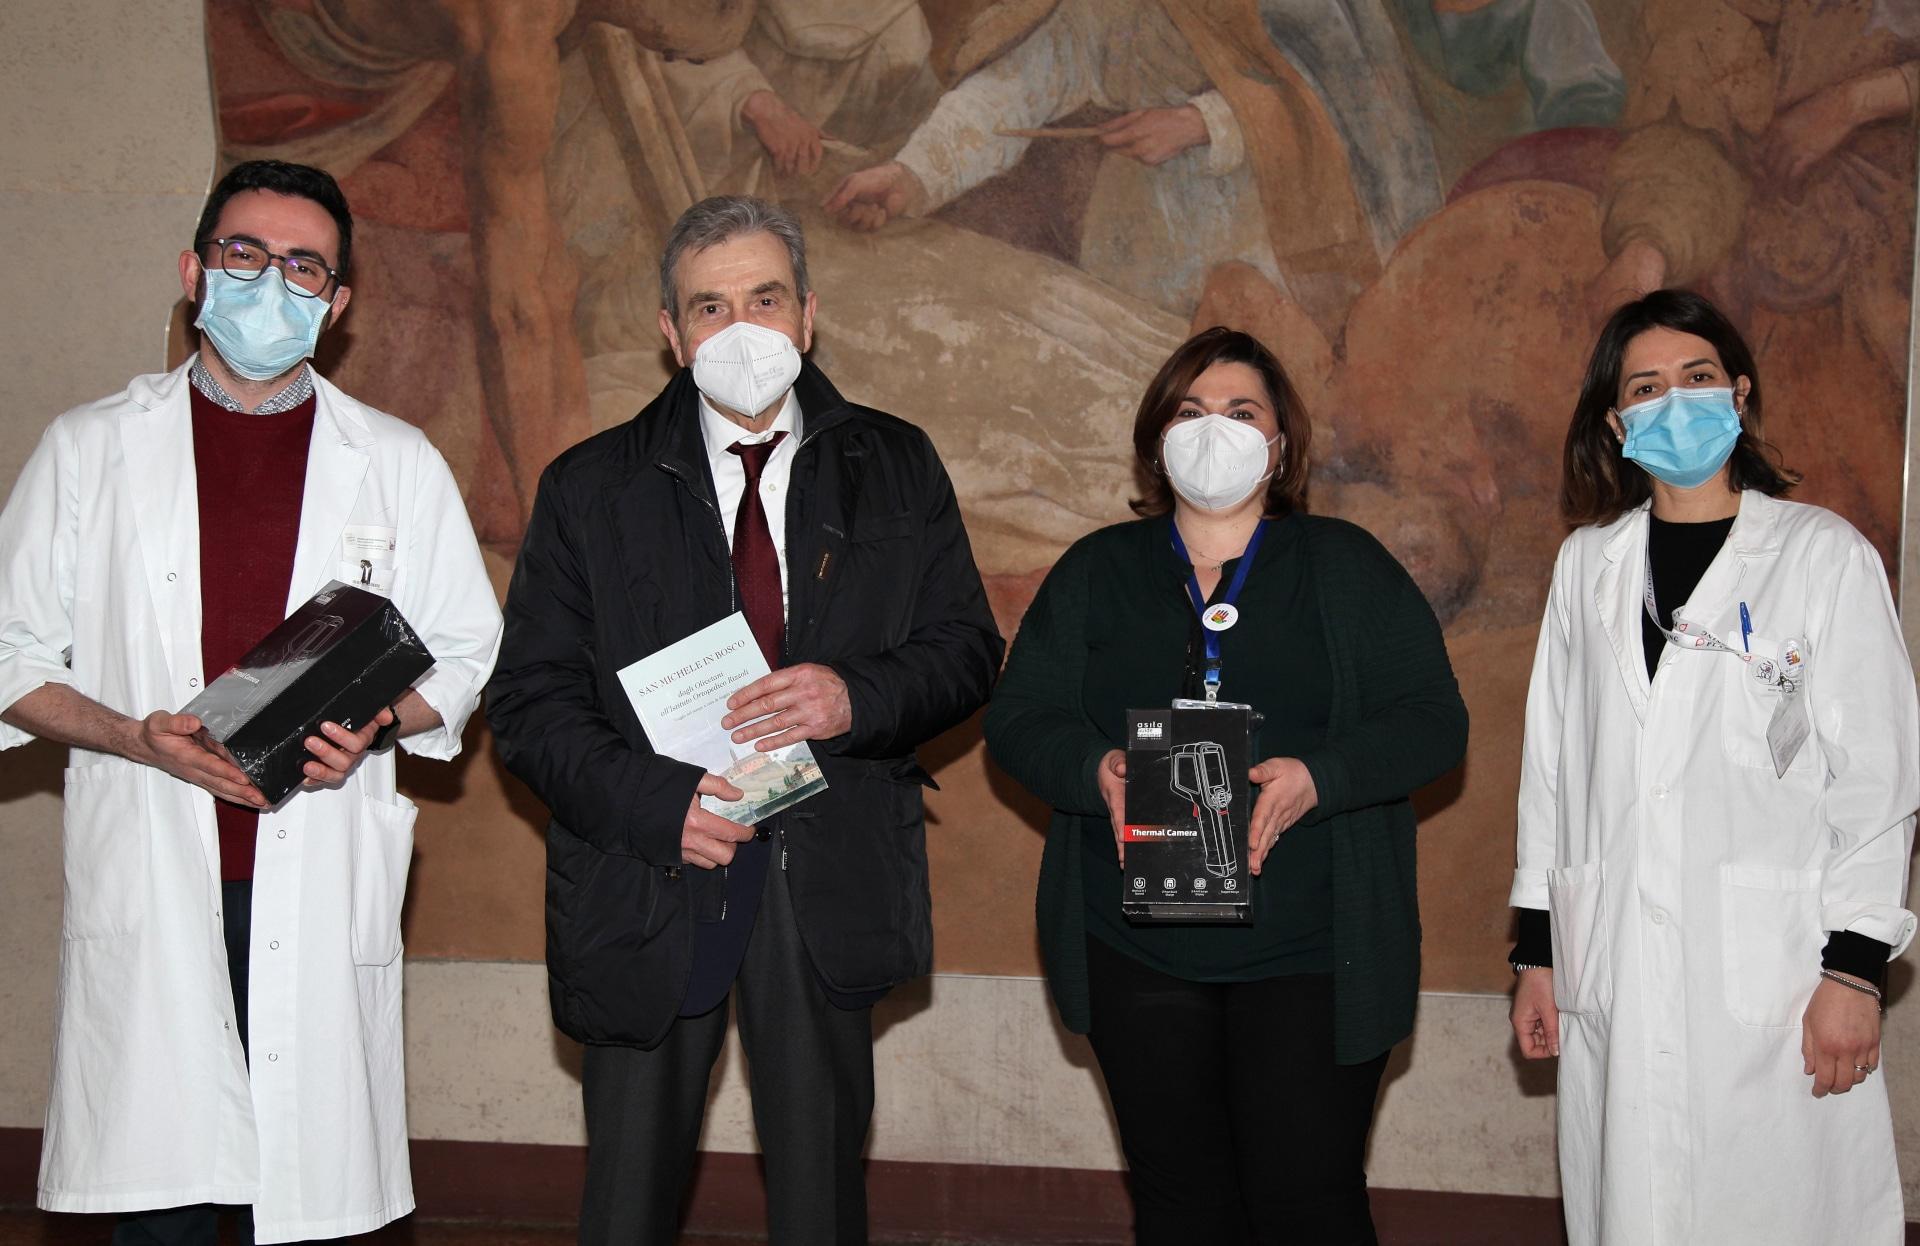 Termoscanner donati alle strutture sanitarie della Regione Emilia Romagna